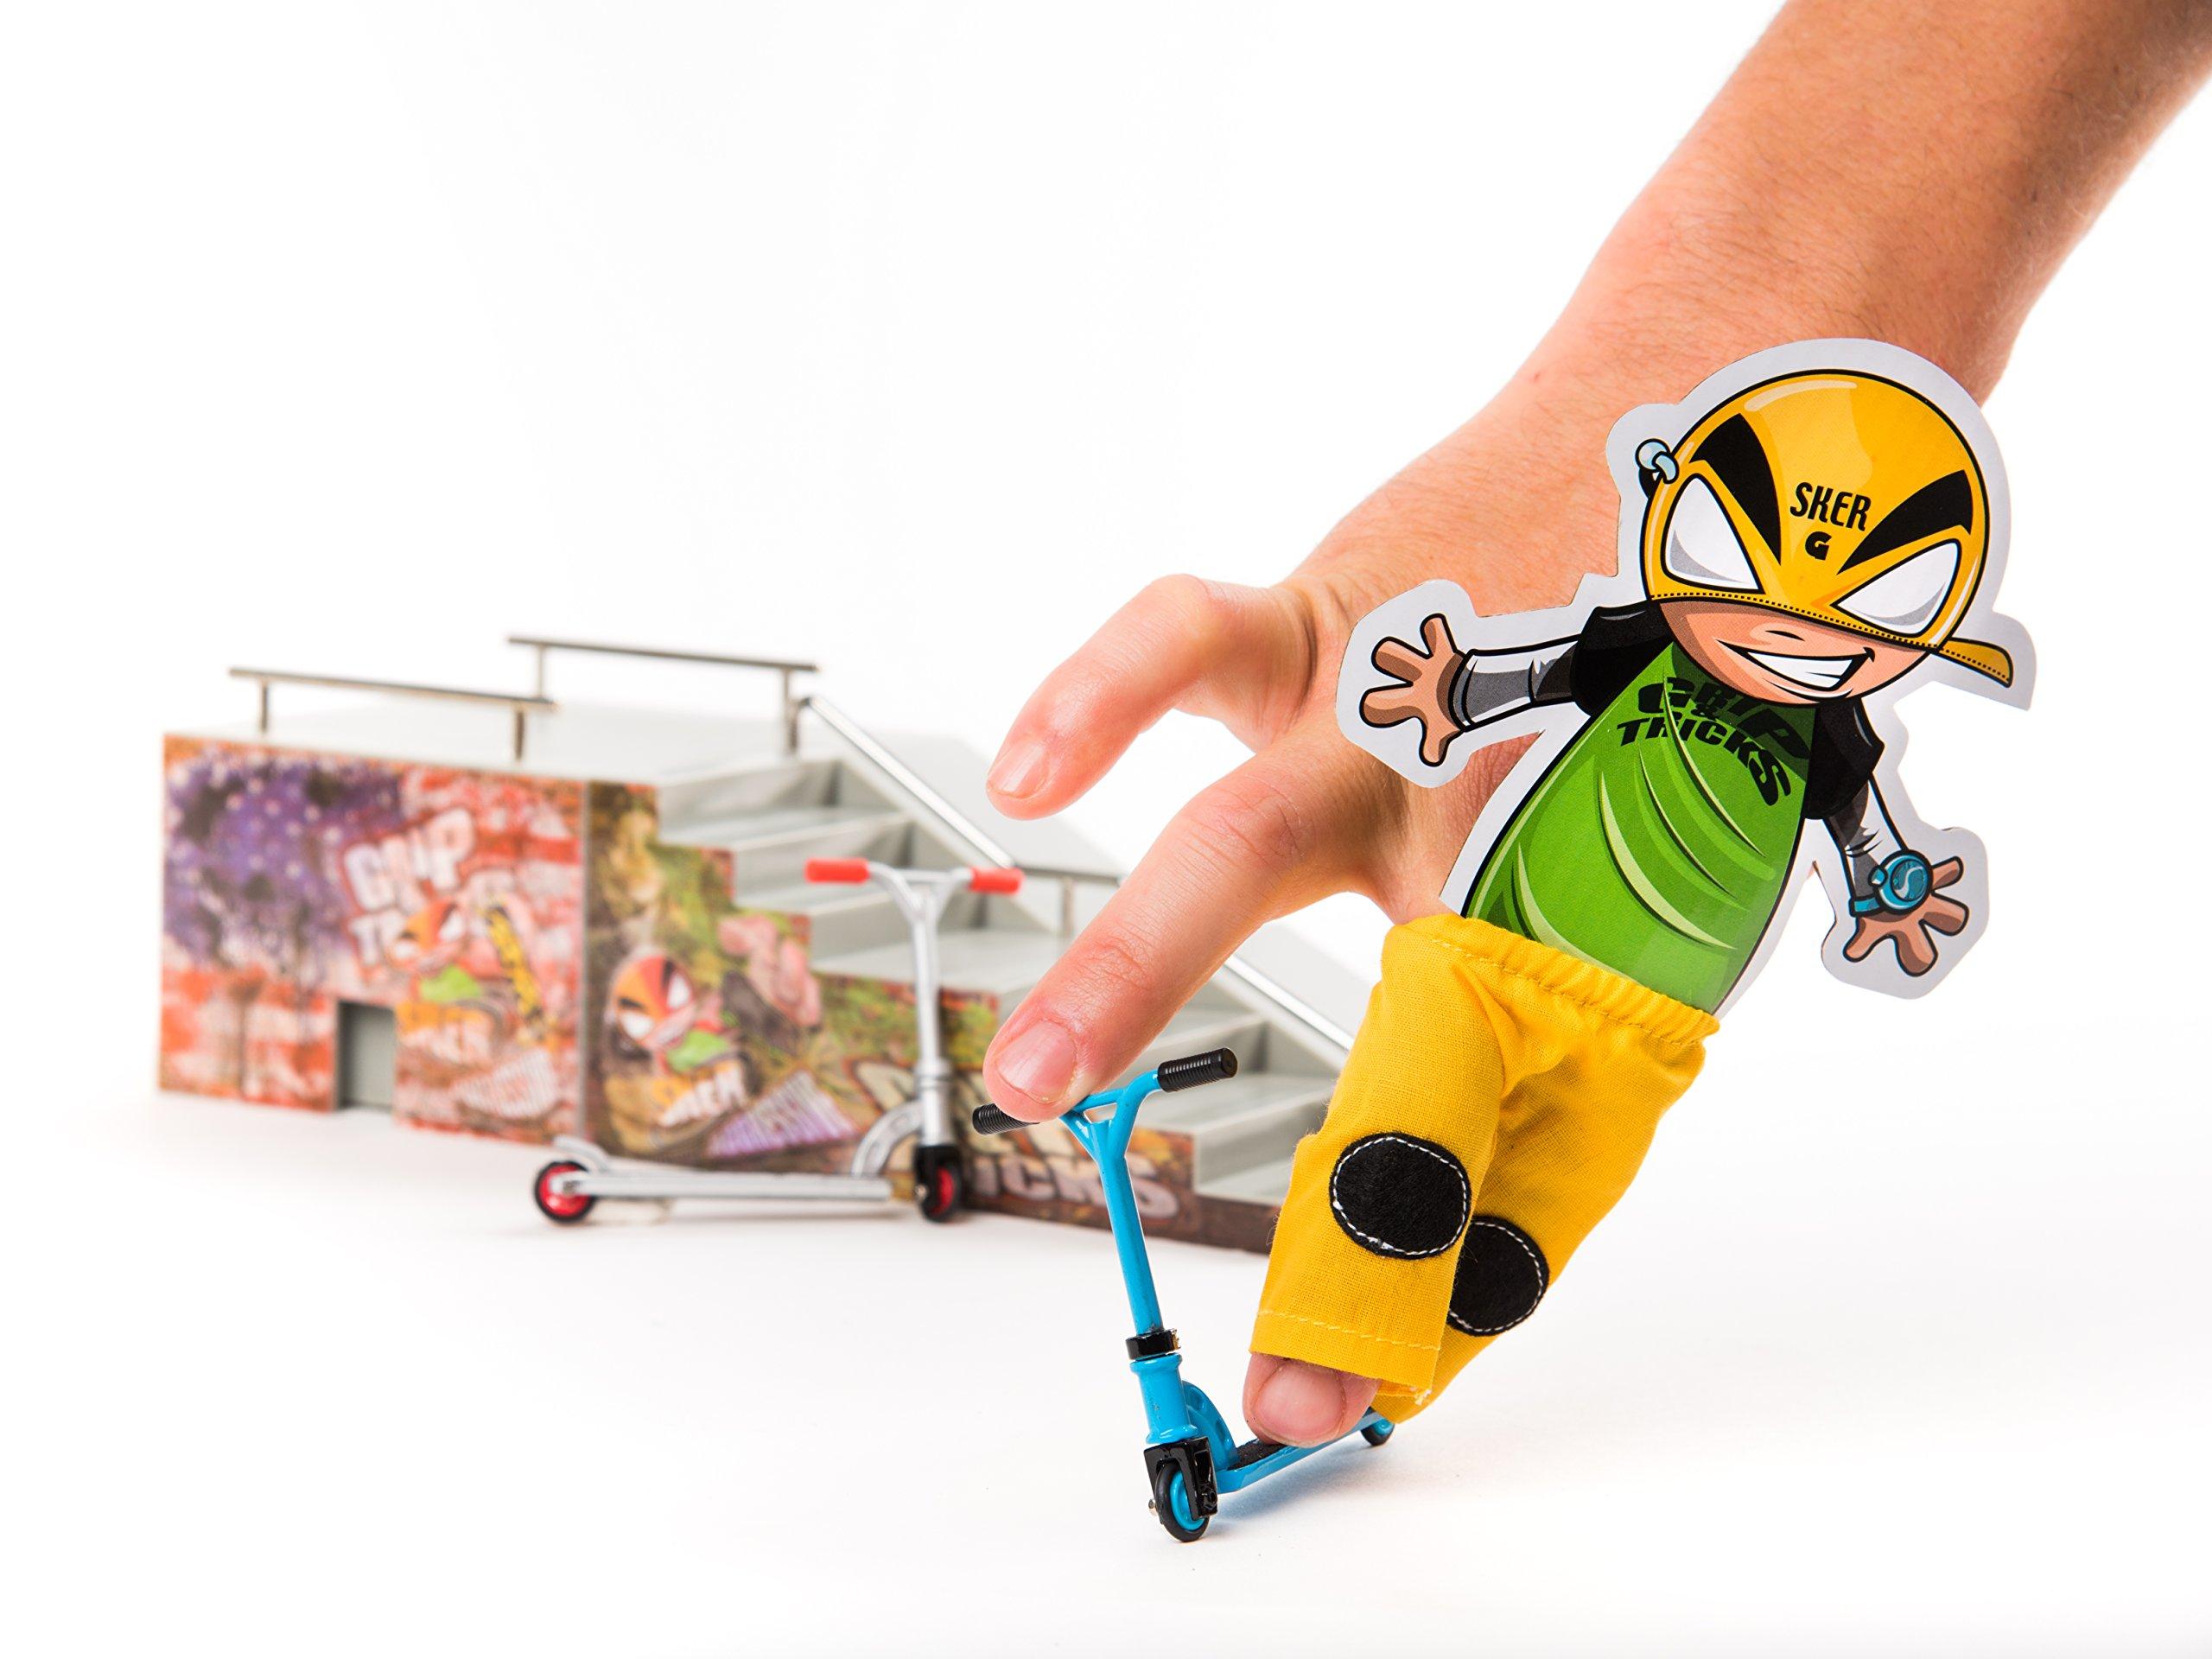 Grip & Tricks - Finger SCOOTER - Skate - Pack1 - Dimensions: 22 X 13,5 X 2 cm by Grip&Tricks by Grip&Tricks (Image #5)